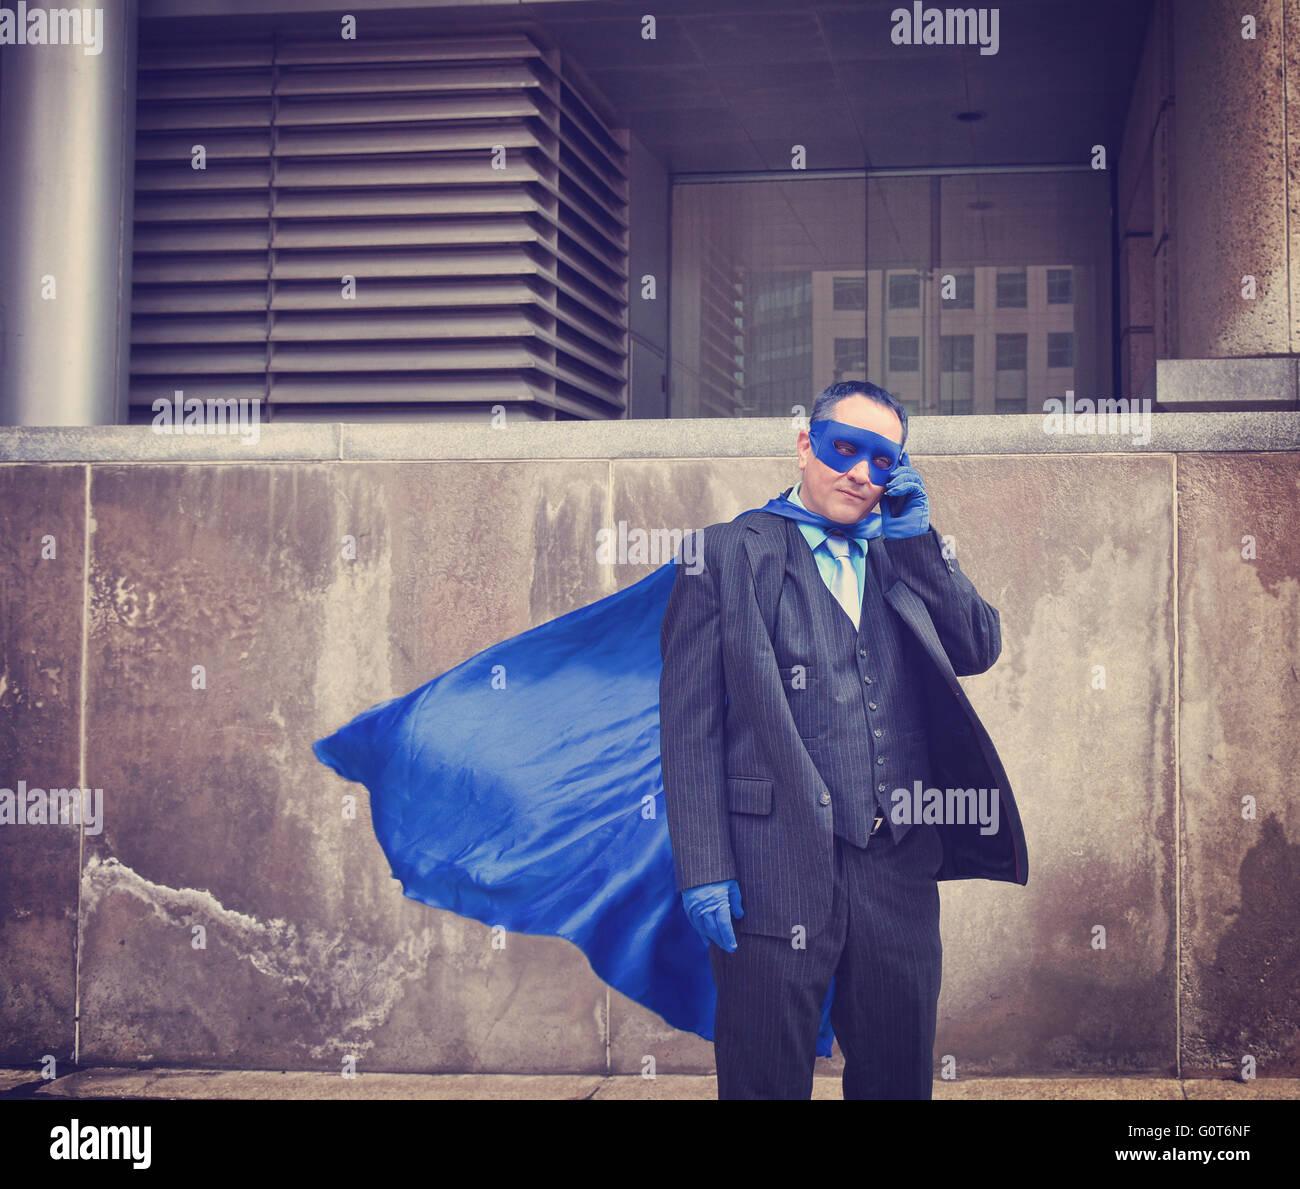 Un homme d'affaires est habillé comme un super héros à l'aide d'un téléphone dans la ville pour un concept de communication Banque D'Images